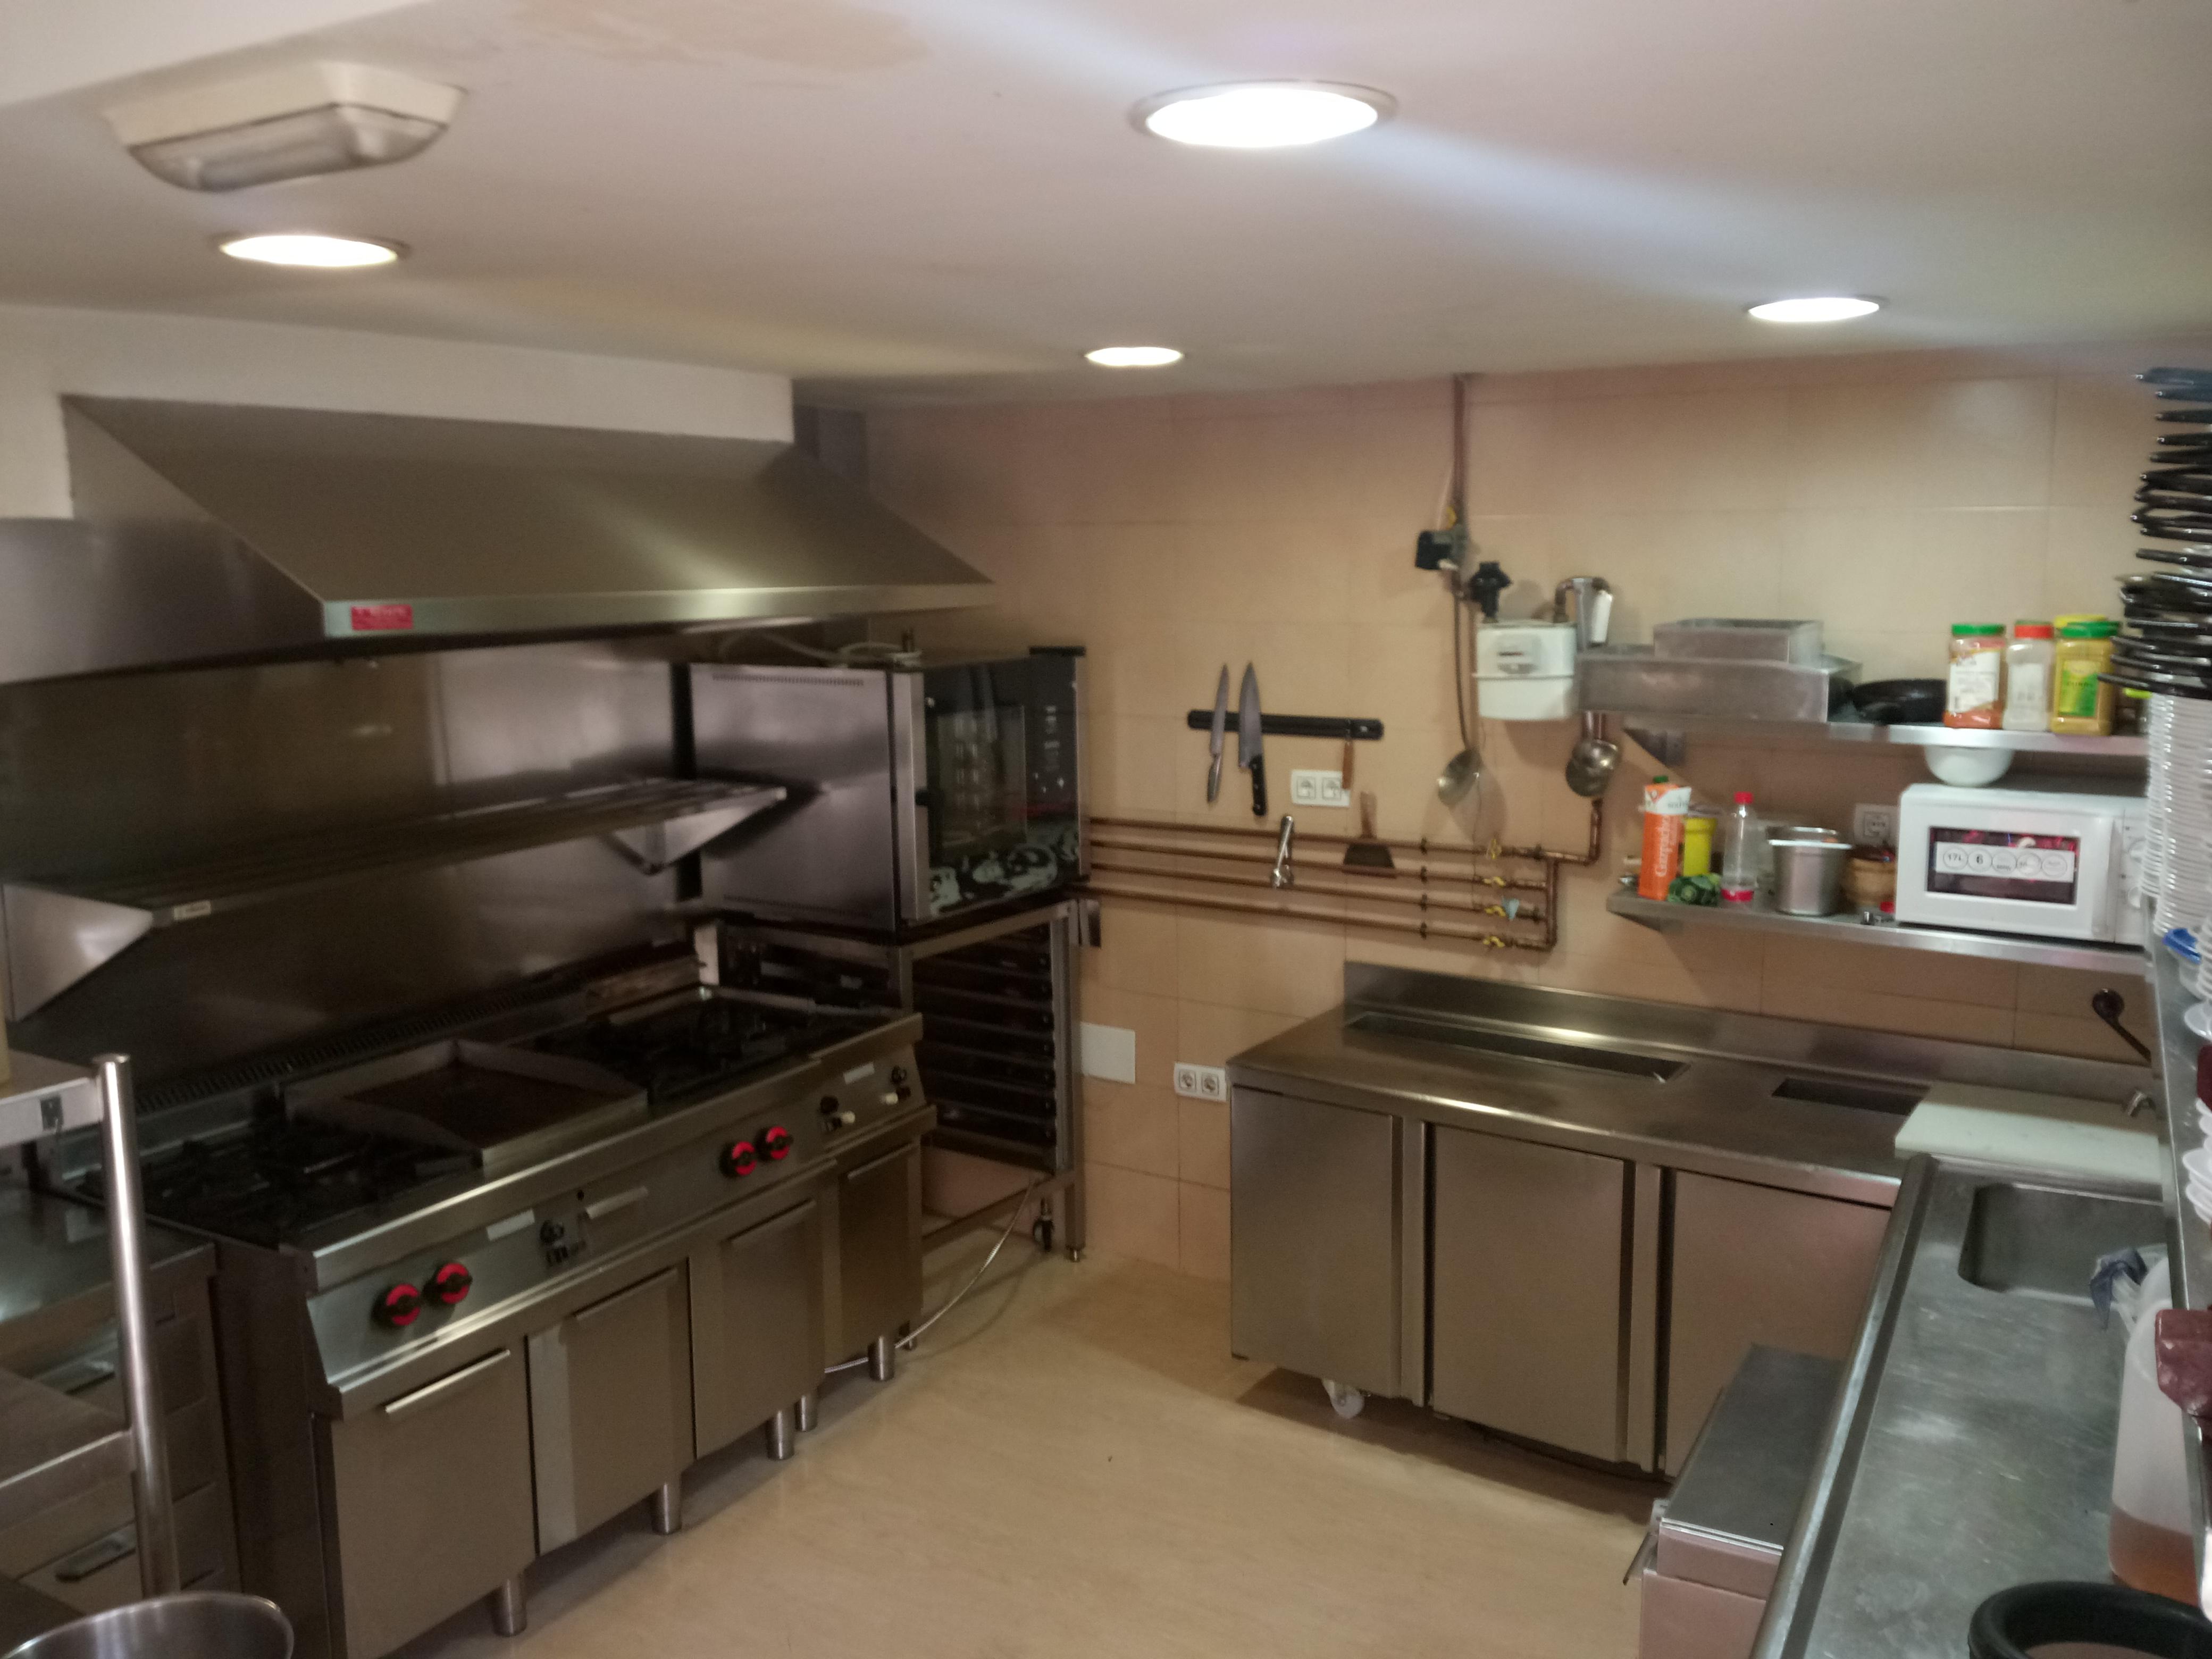 Lujo Pujar Cocina Inspiración - Como Decorar la Cocina - yuhoo.info